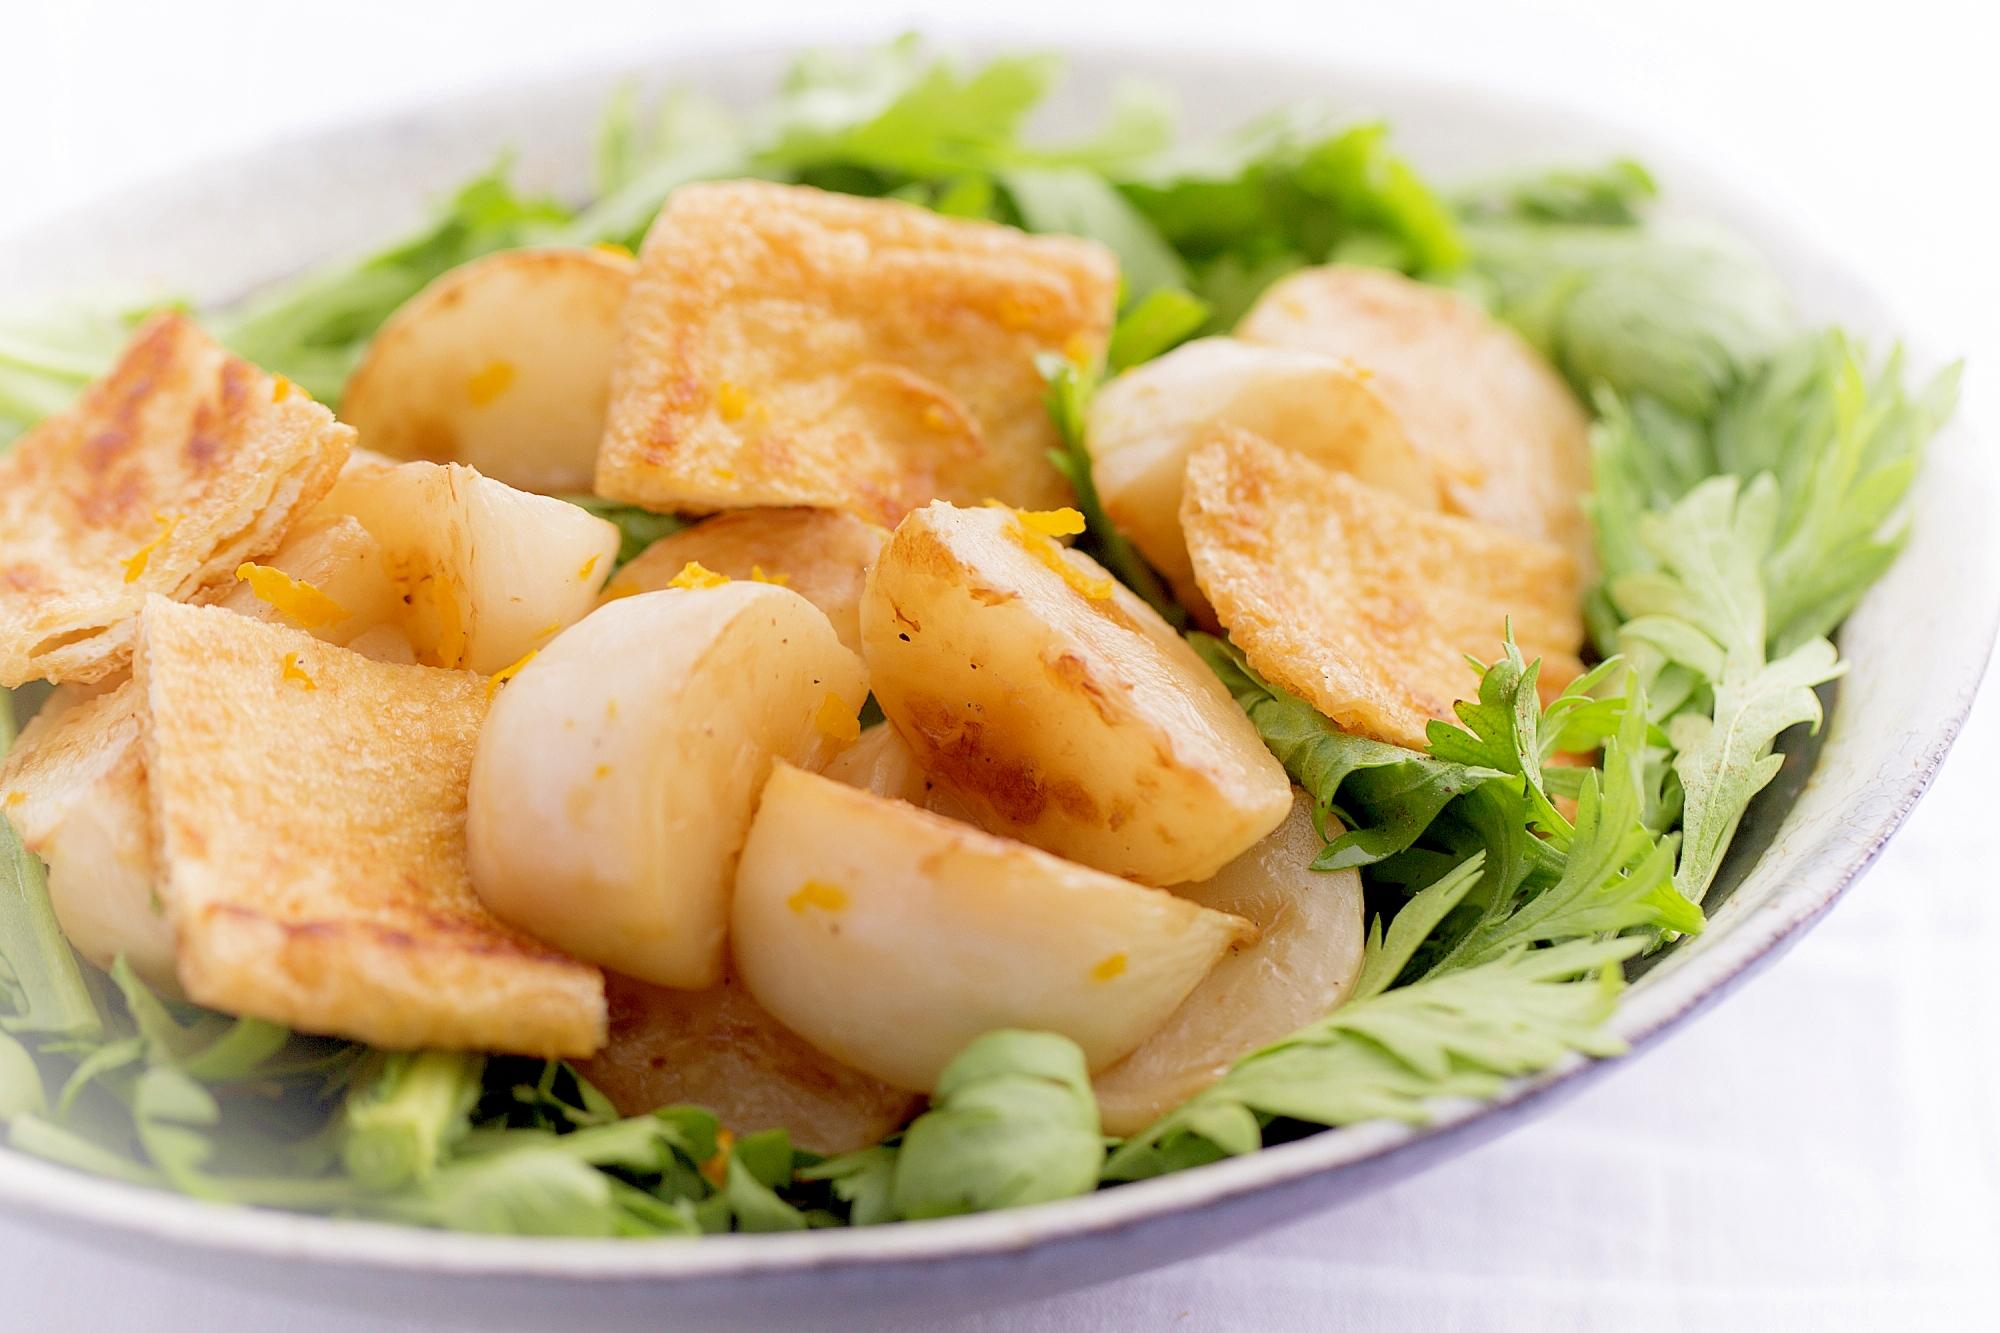 【潔癖家族の主菜Vol.10】カブと油揚げのサラダ